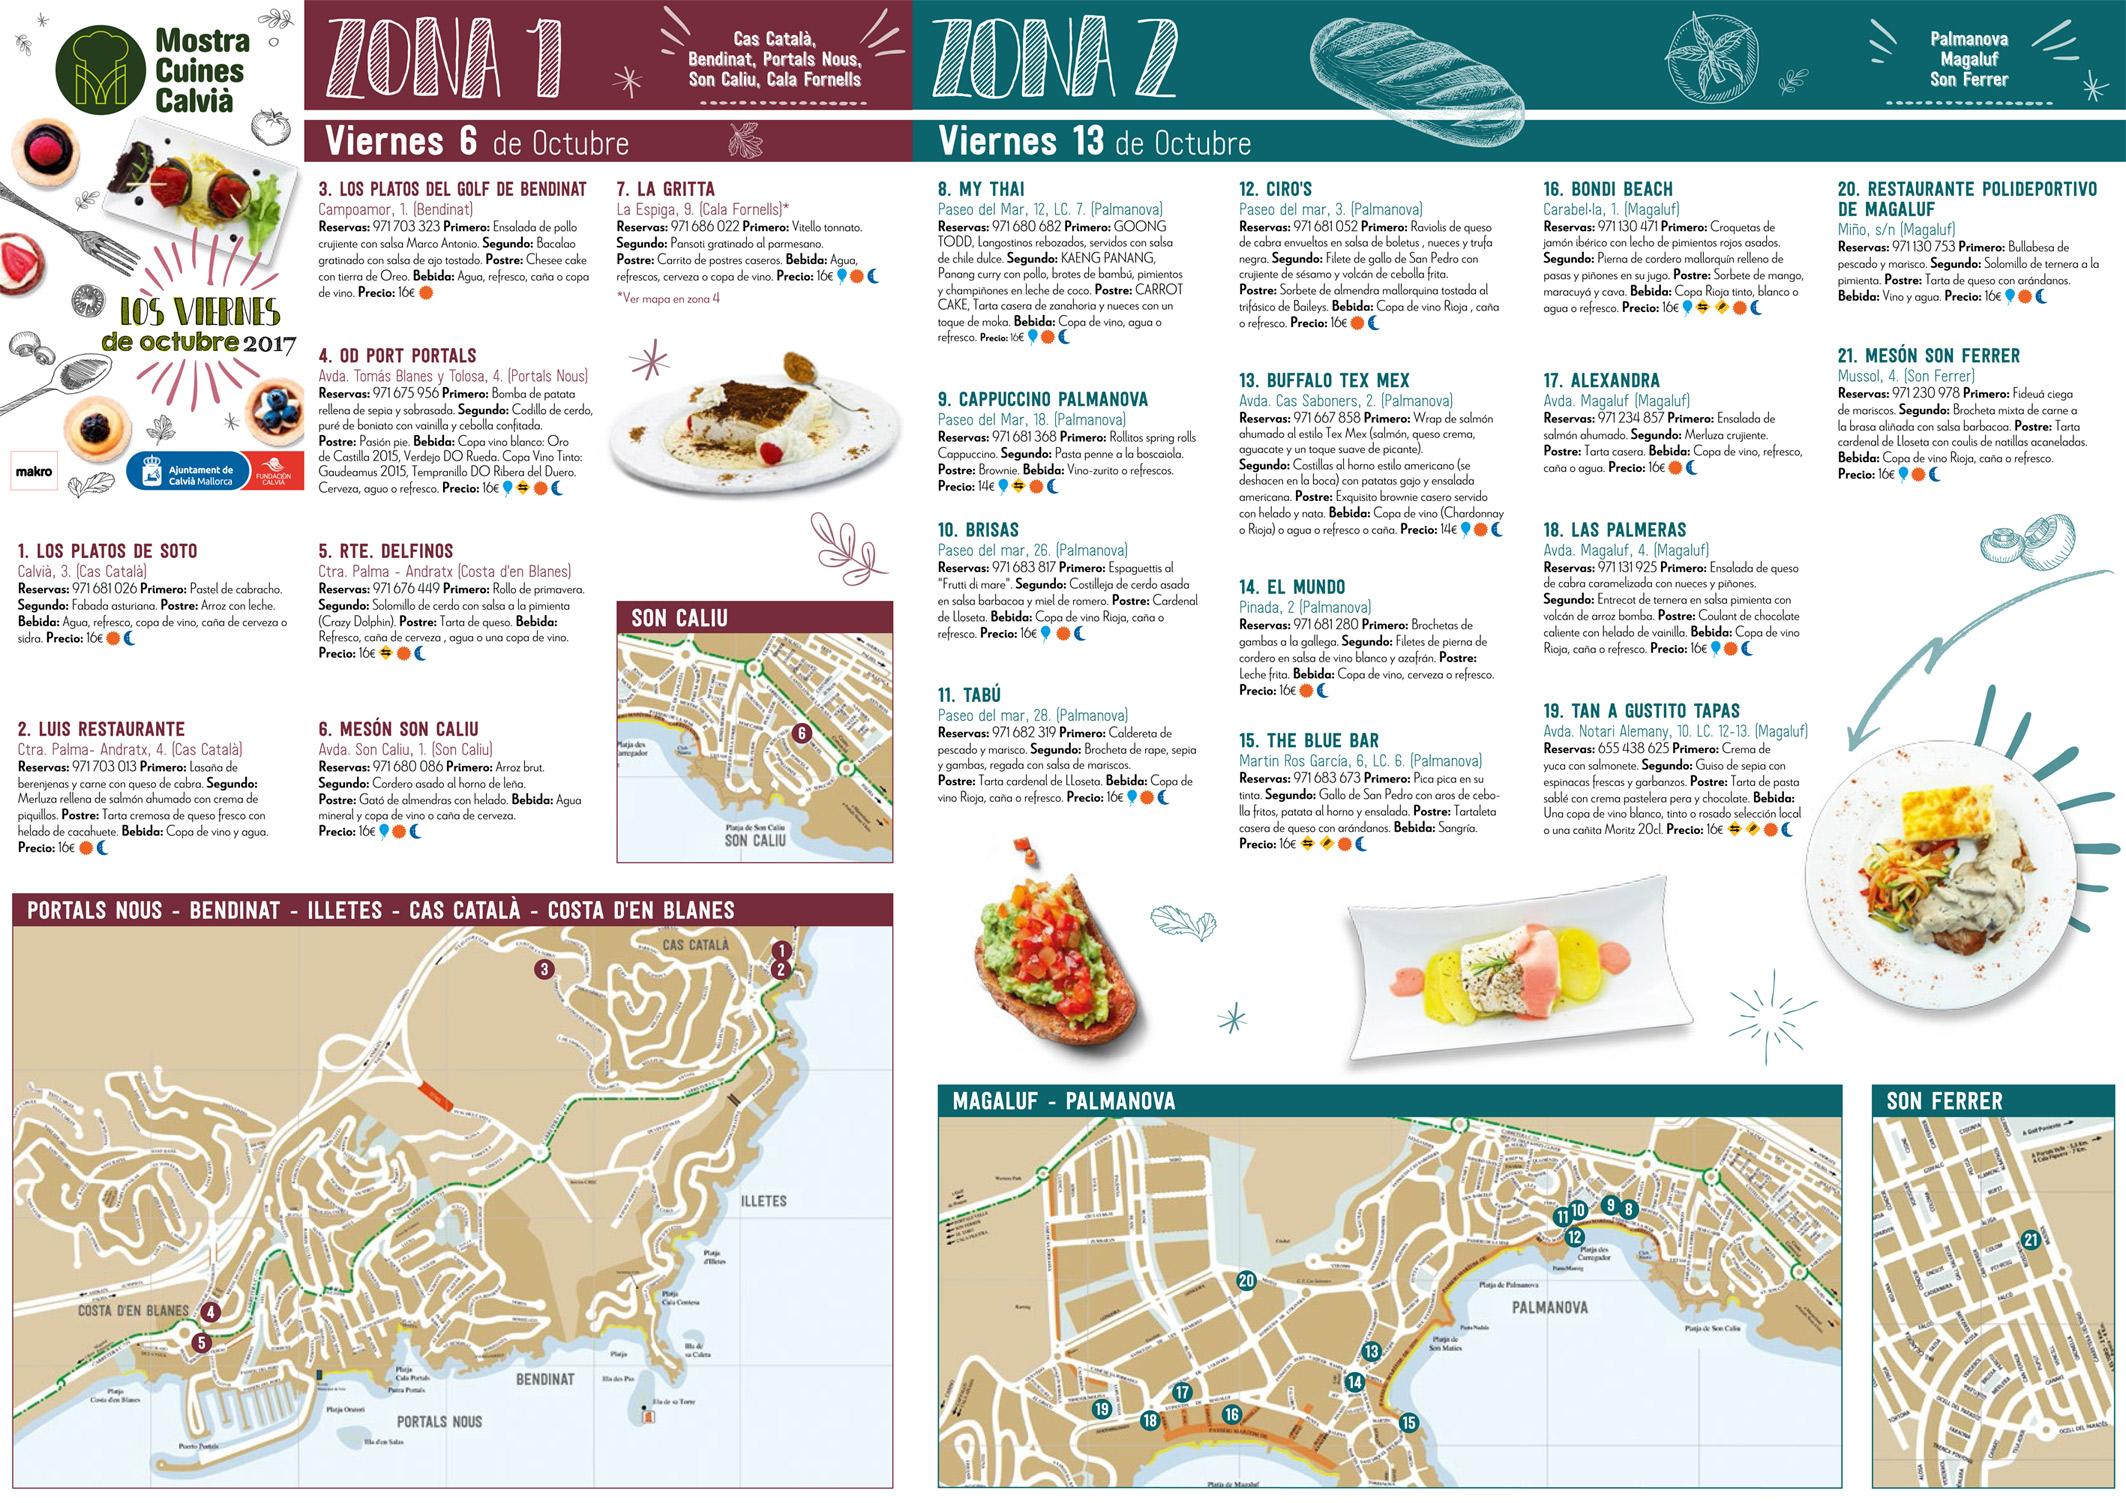 mostra-cuines-ruta1-y-2